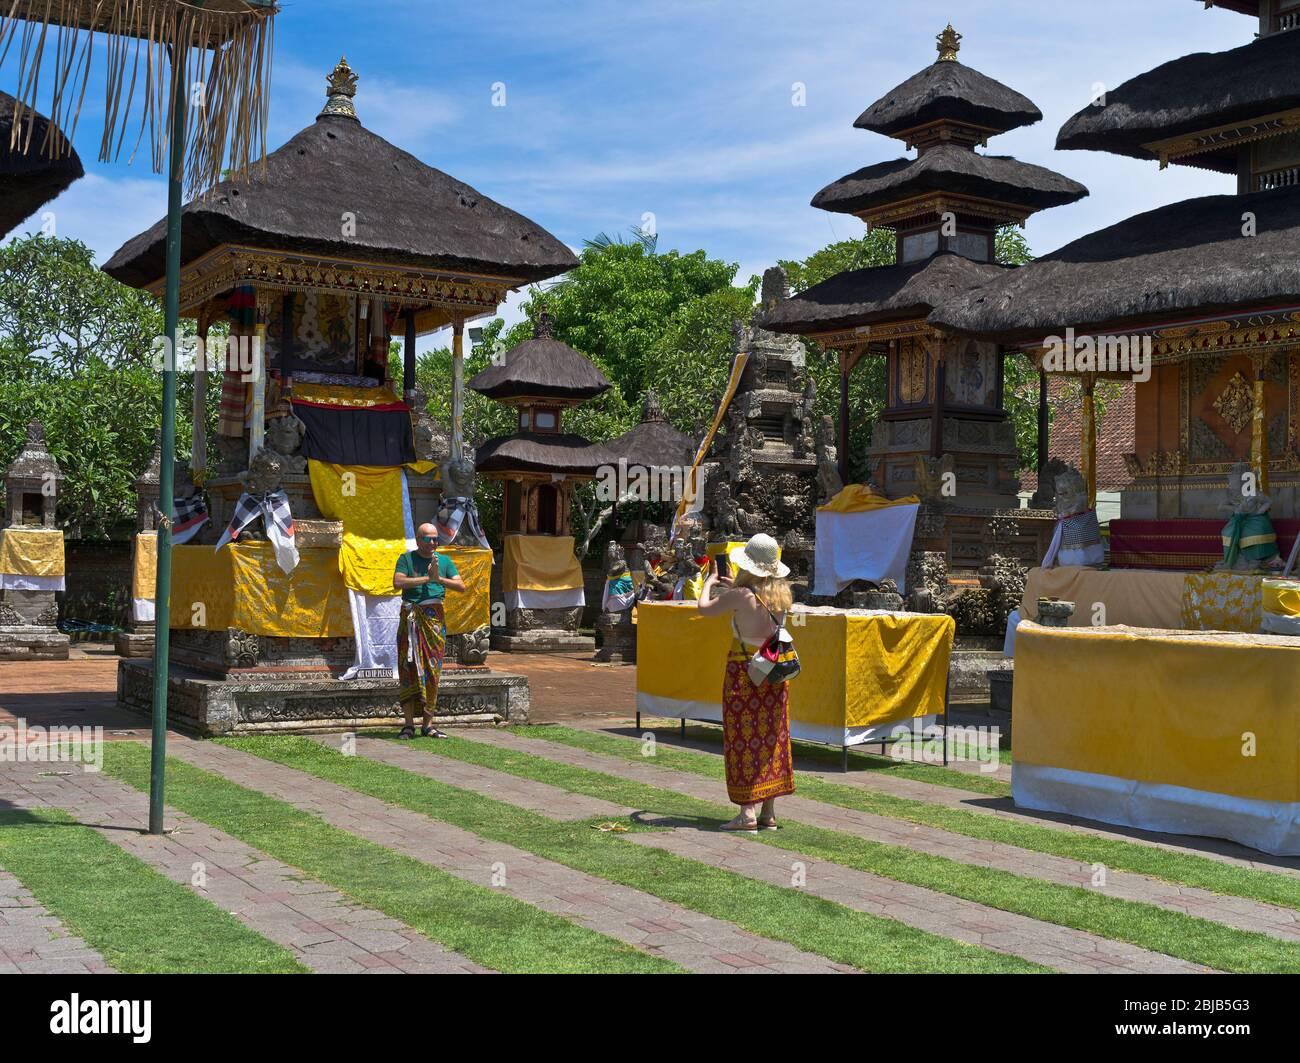 dh Balinese tempio Batuan BALI INDONESIA templi indù turisti foto abbigliamento tradizionale induismo inner sanctum indonesiano Foto Stock